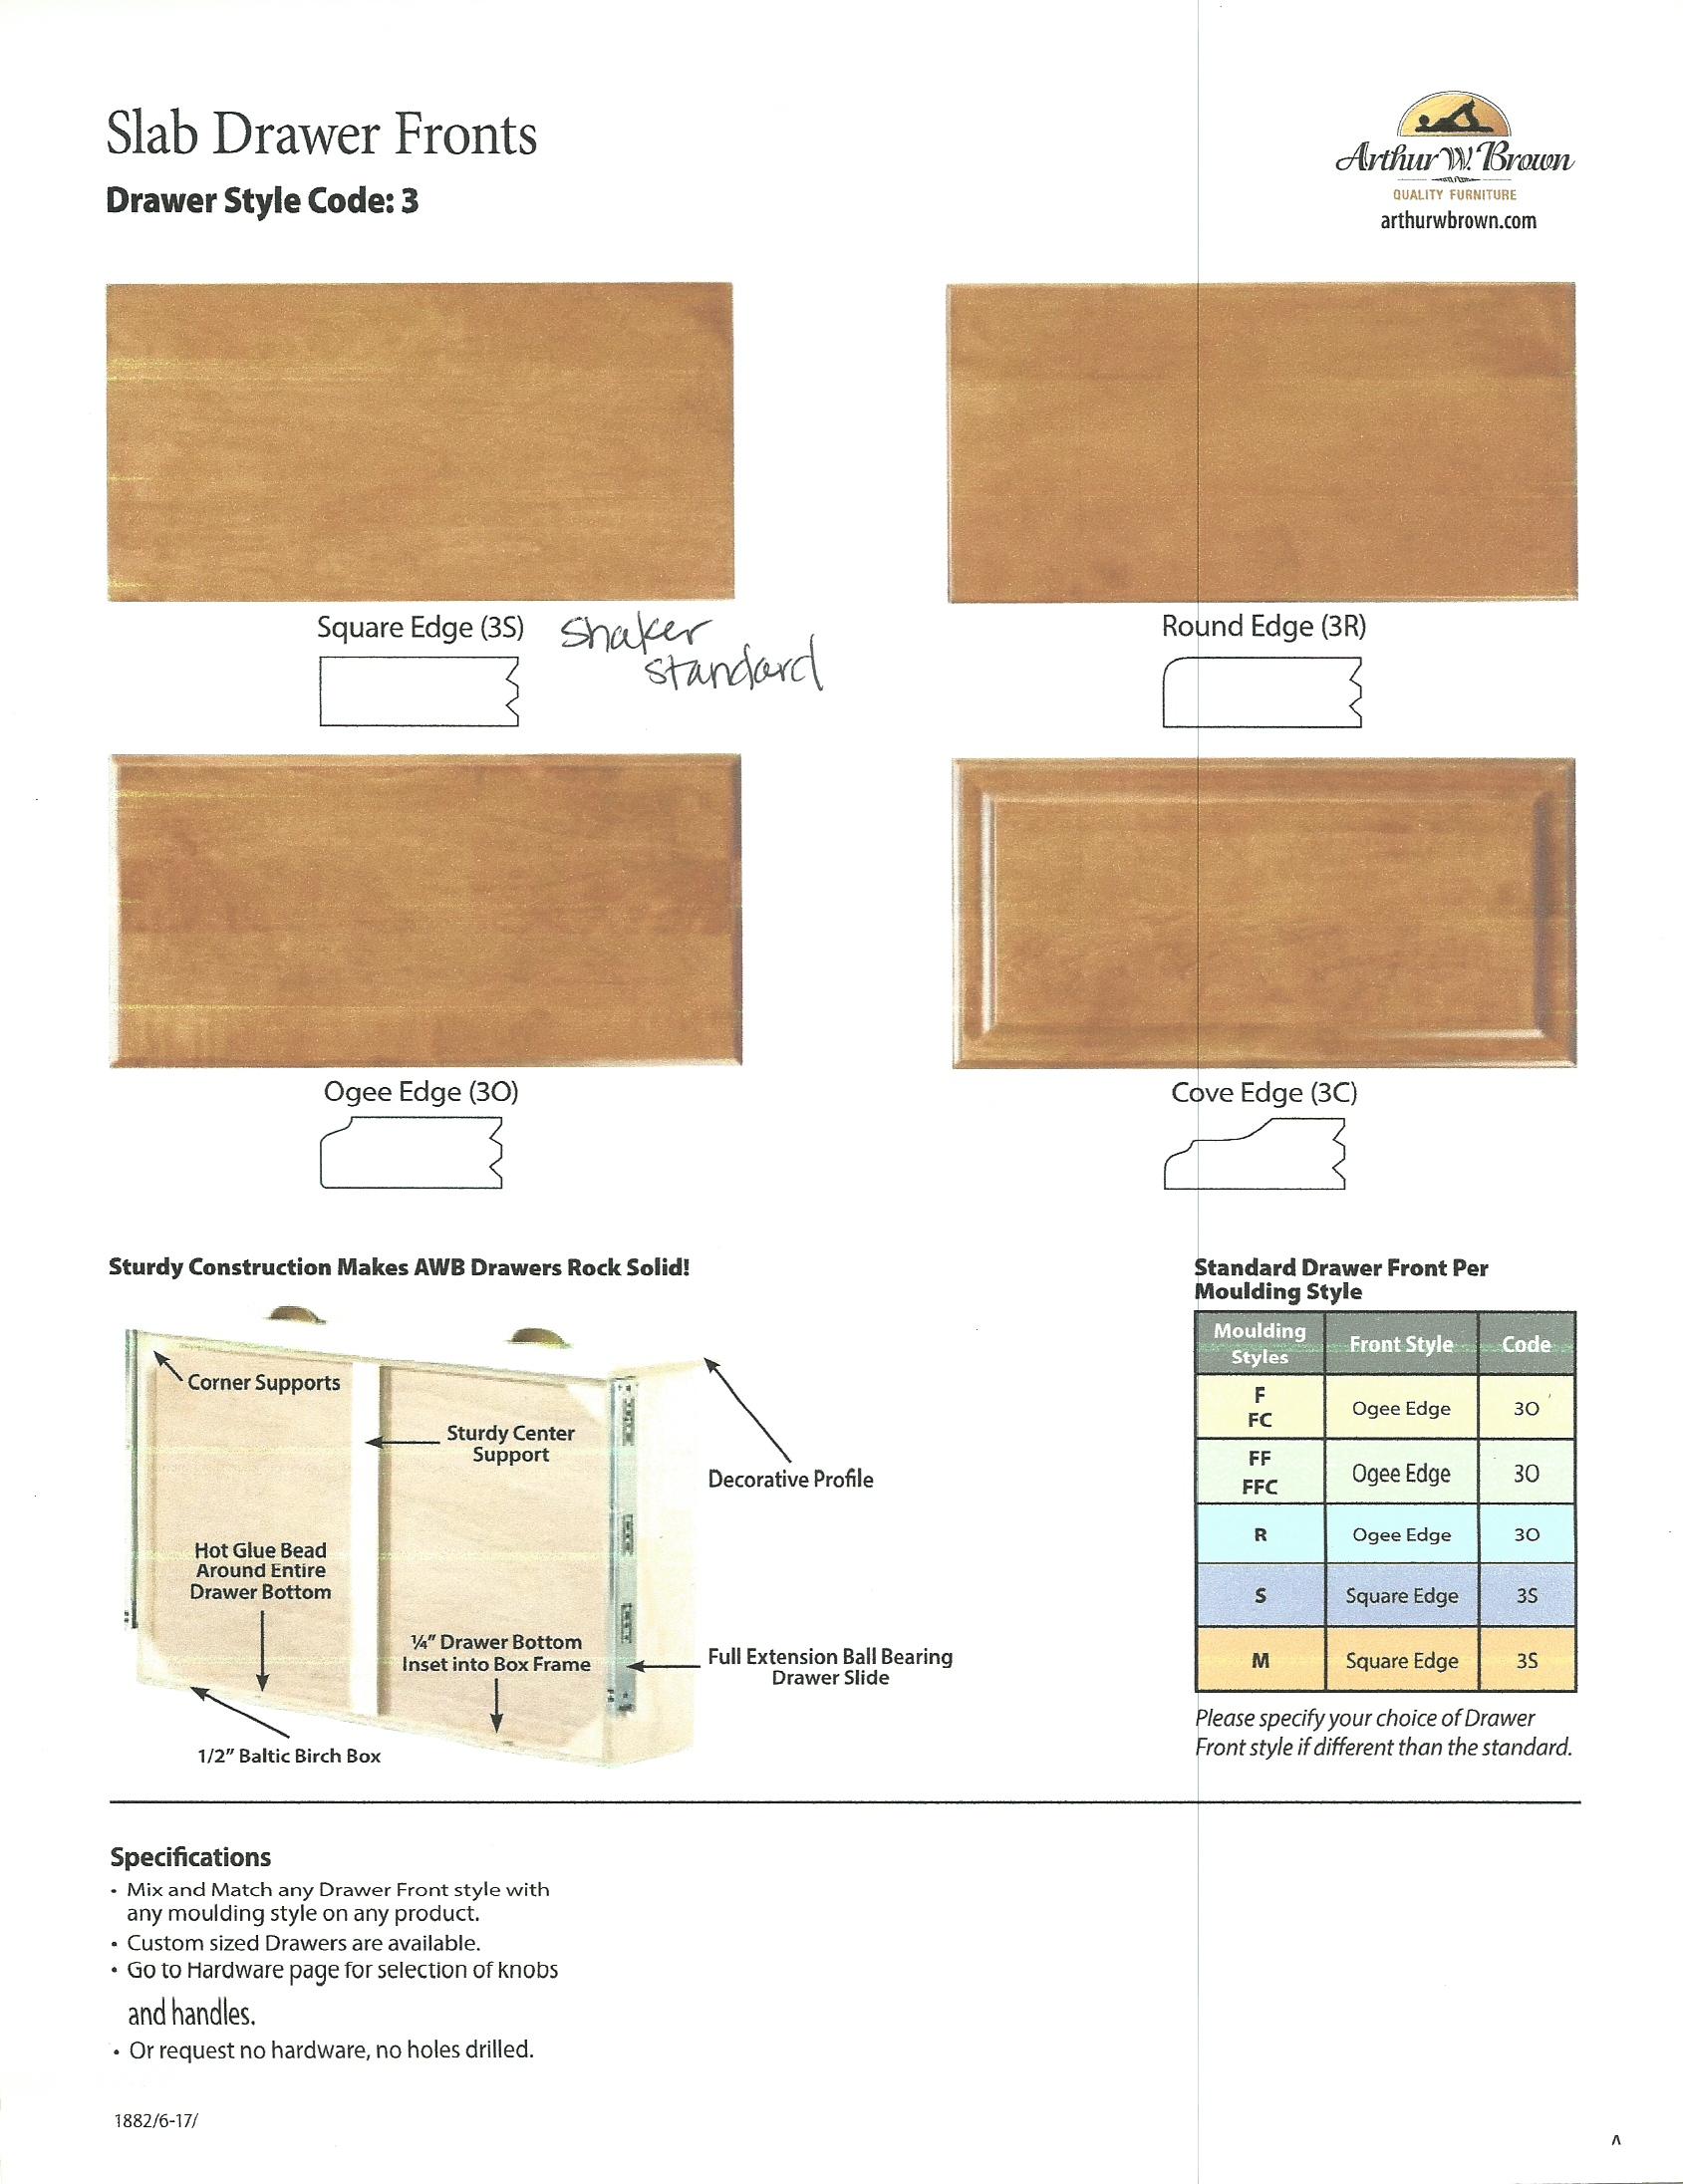 Slab Drawer Front Options